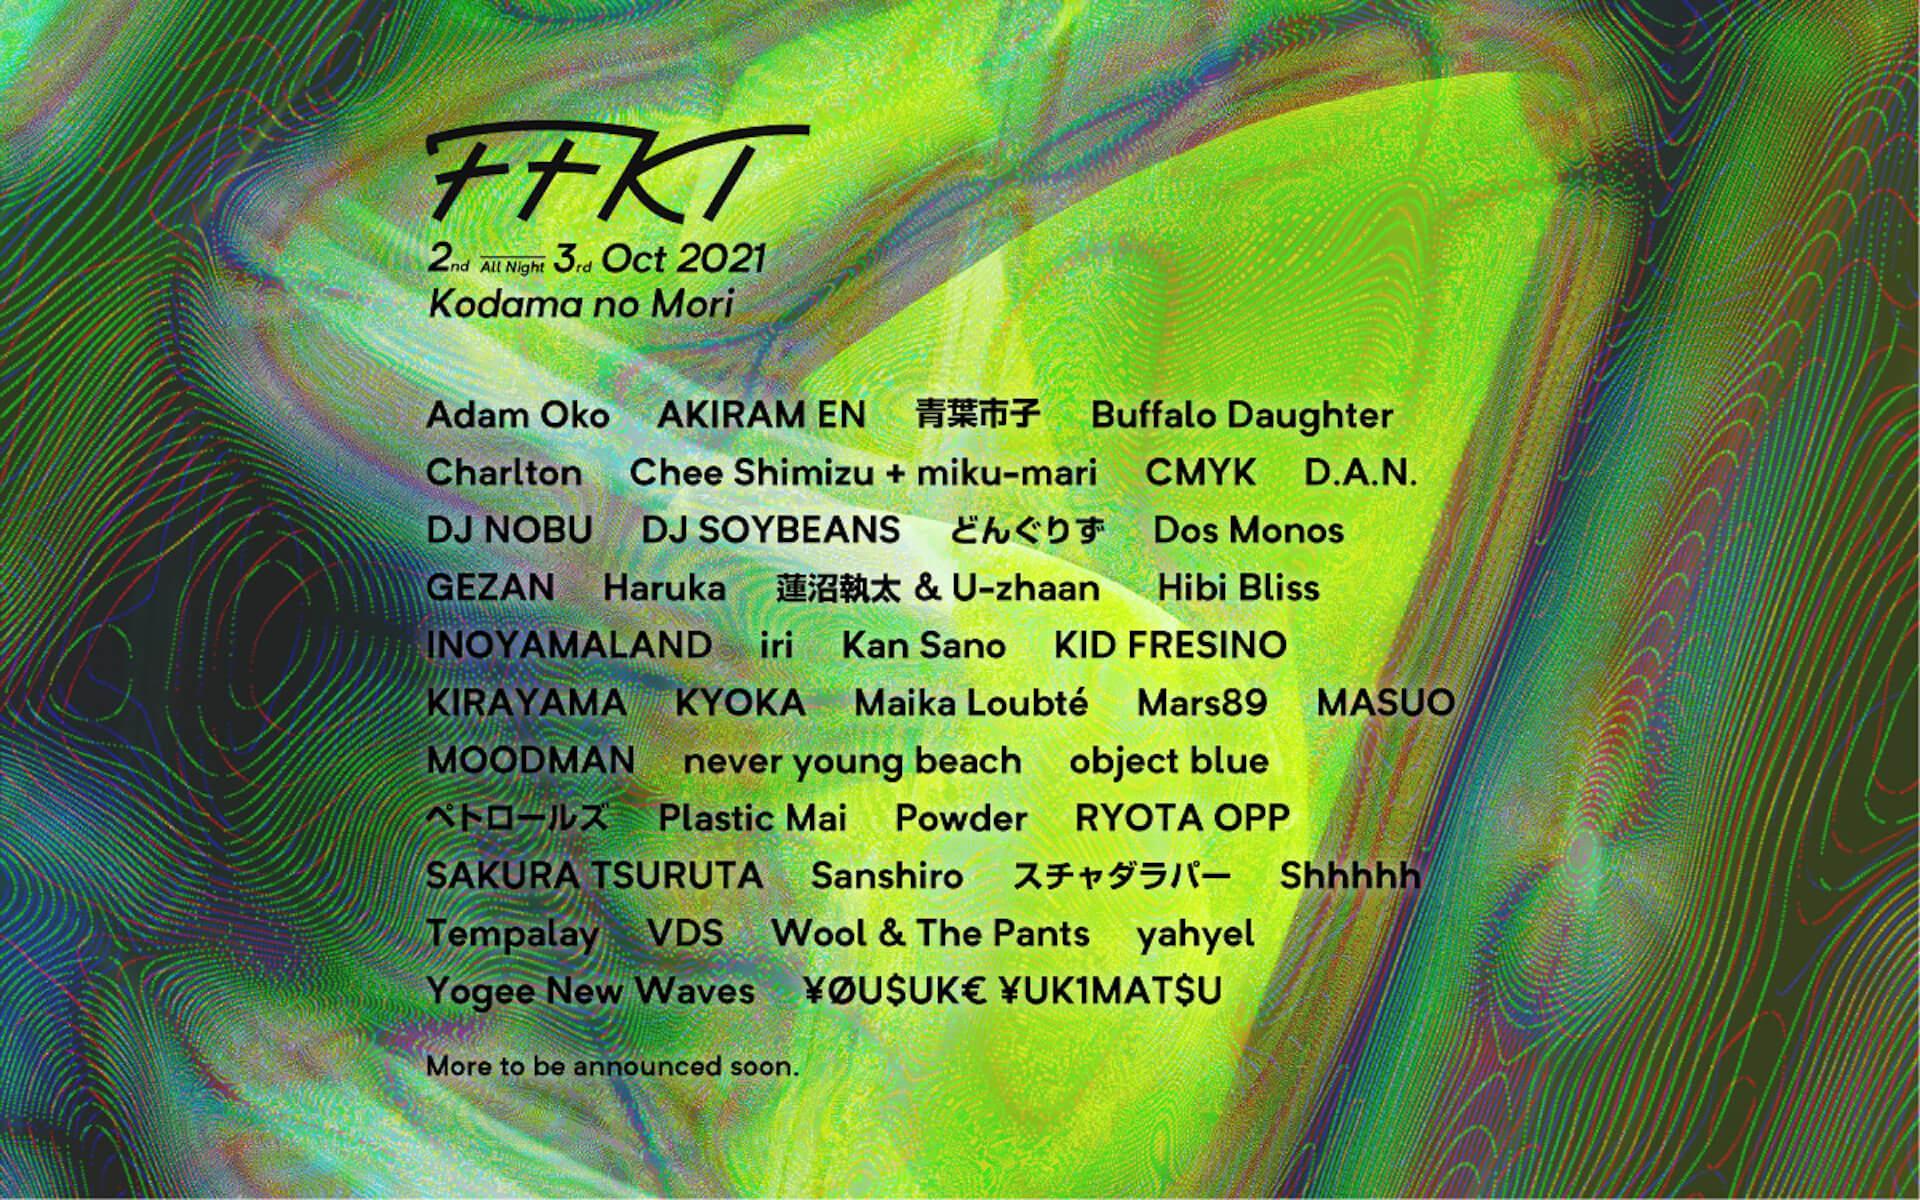 FFKTの第2弾ラインナップが発表!DJ NOBU、GEZAN、Tempalay、スチャダラパー、どんぐりず、KID FRESINOらが登場 music210714_ffkt_main